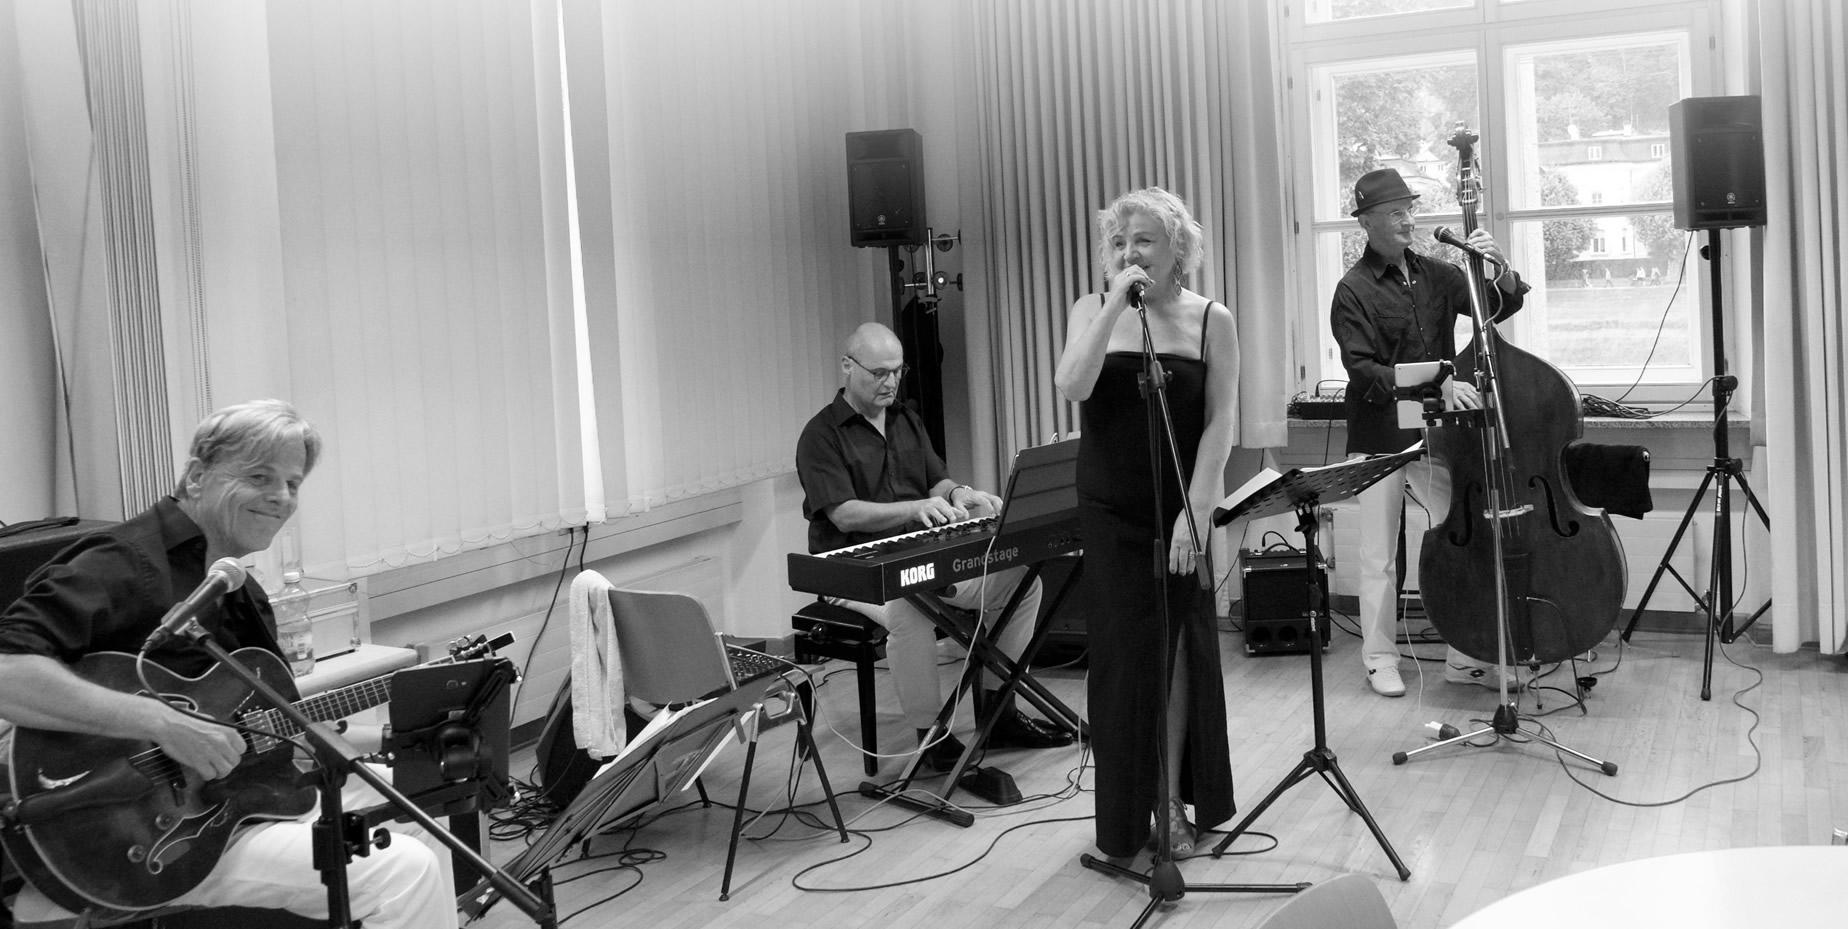 Honey Rose Quartett Salzburg - Hanna Rose singt mit Liveband Klassiker der deutschen Musikgeschichte